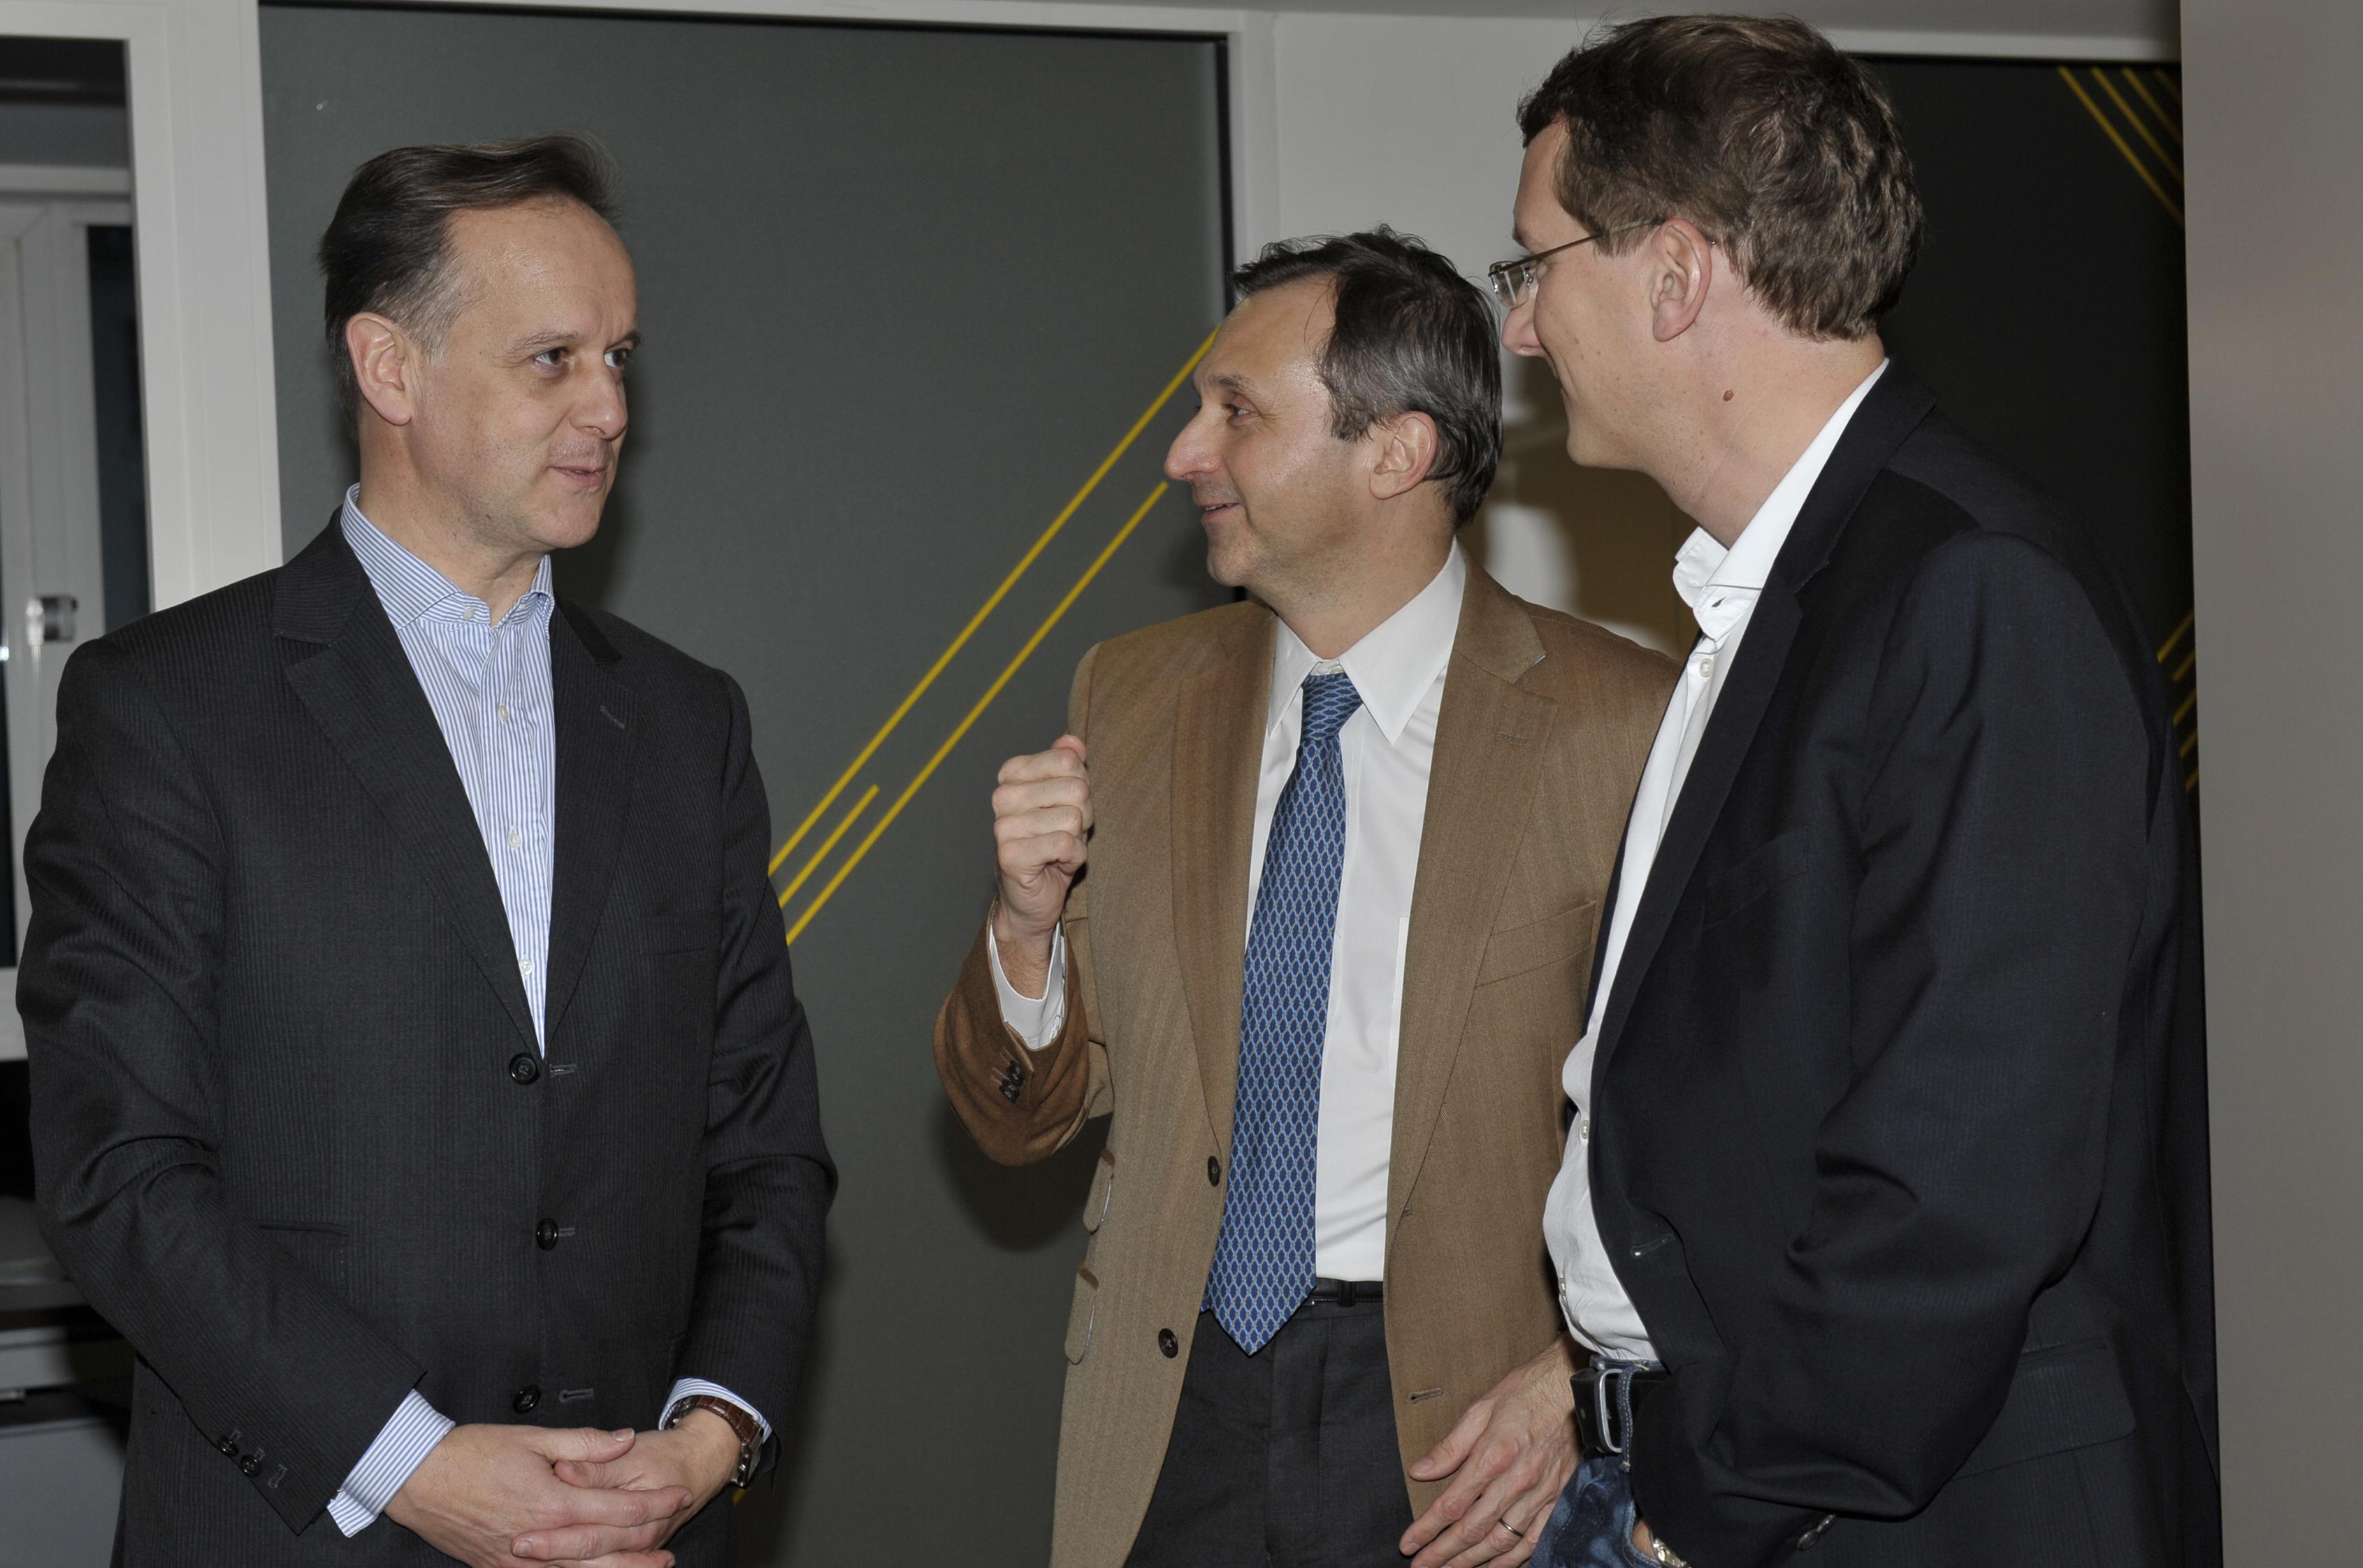 Photo Mardi du Lab du 5 mars 2013 avec J.Lefébure (et JG.BLIEK, Directeur du dév éco de Neuilly puis E.BROET, vice-Président de Warner Bros)